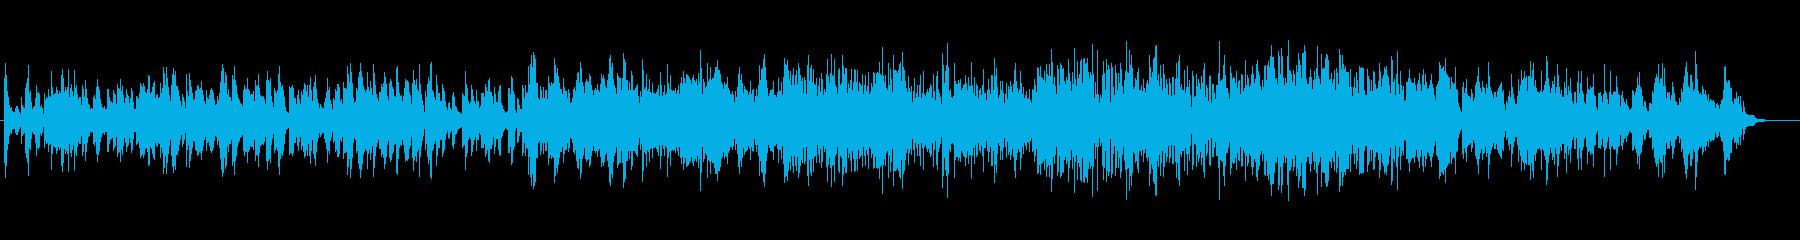 クールでハードボイルドな雰囲気のジャズの再生済みの波形